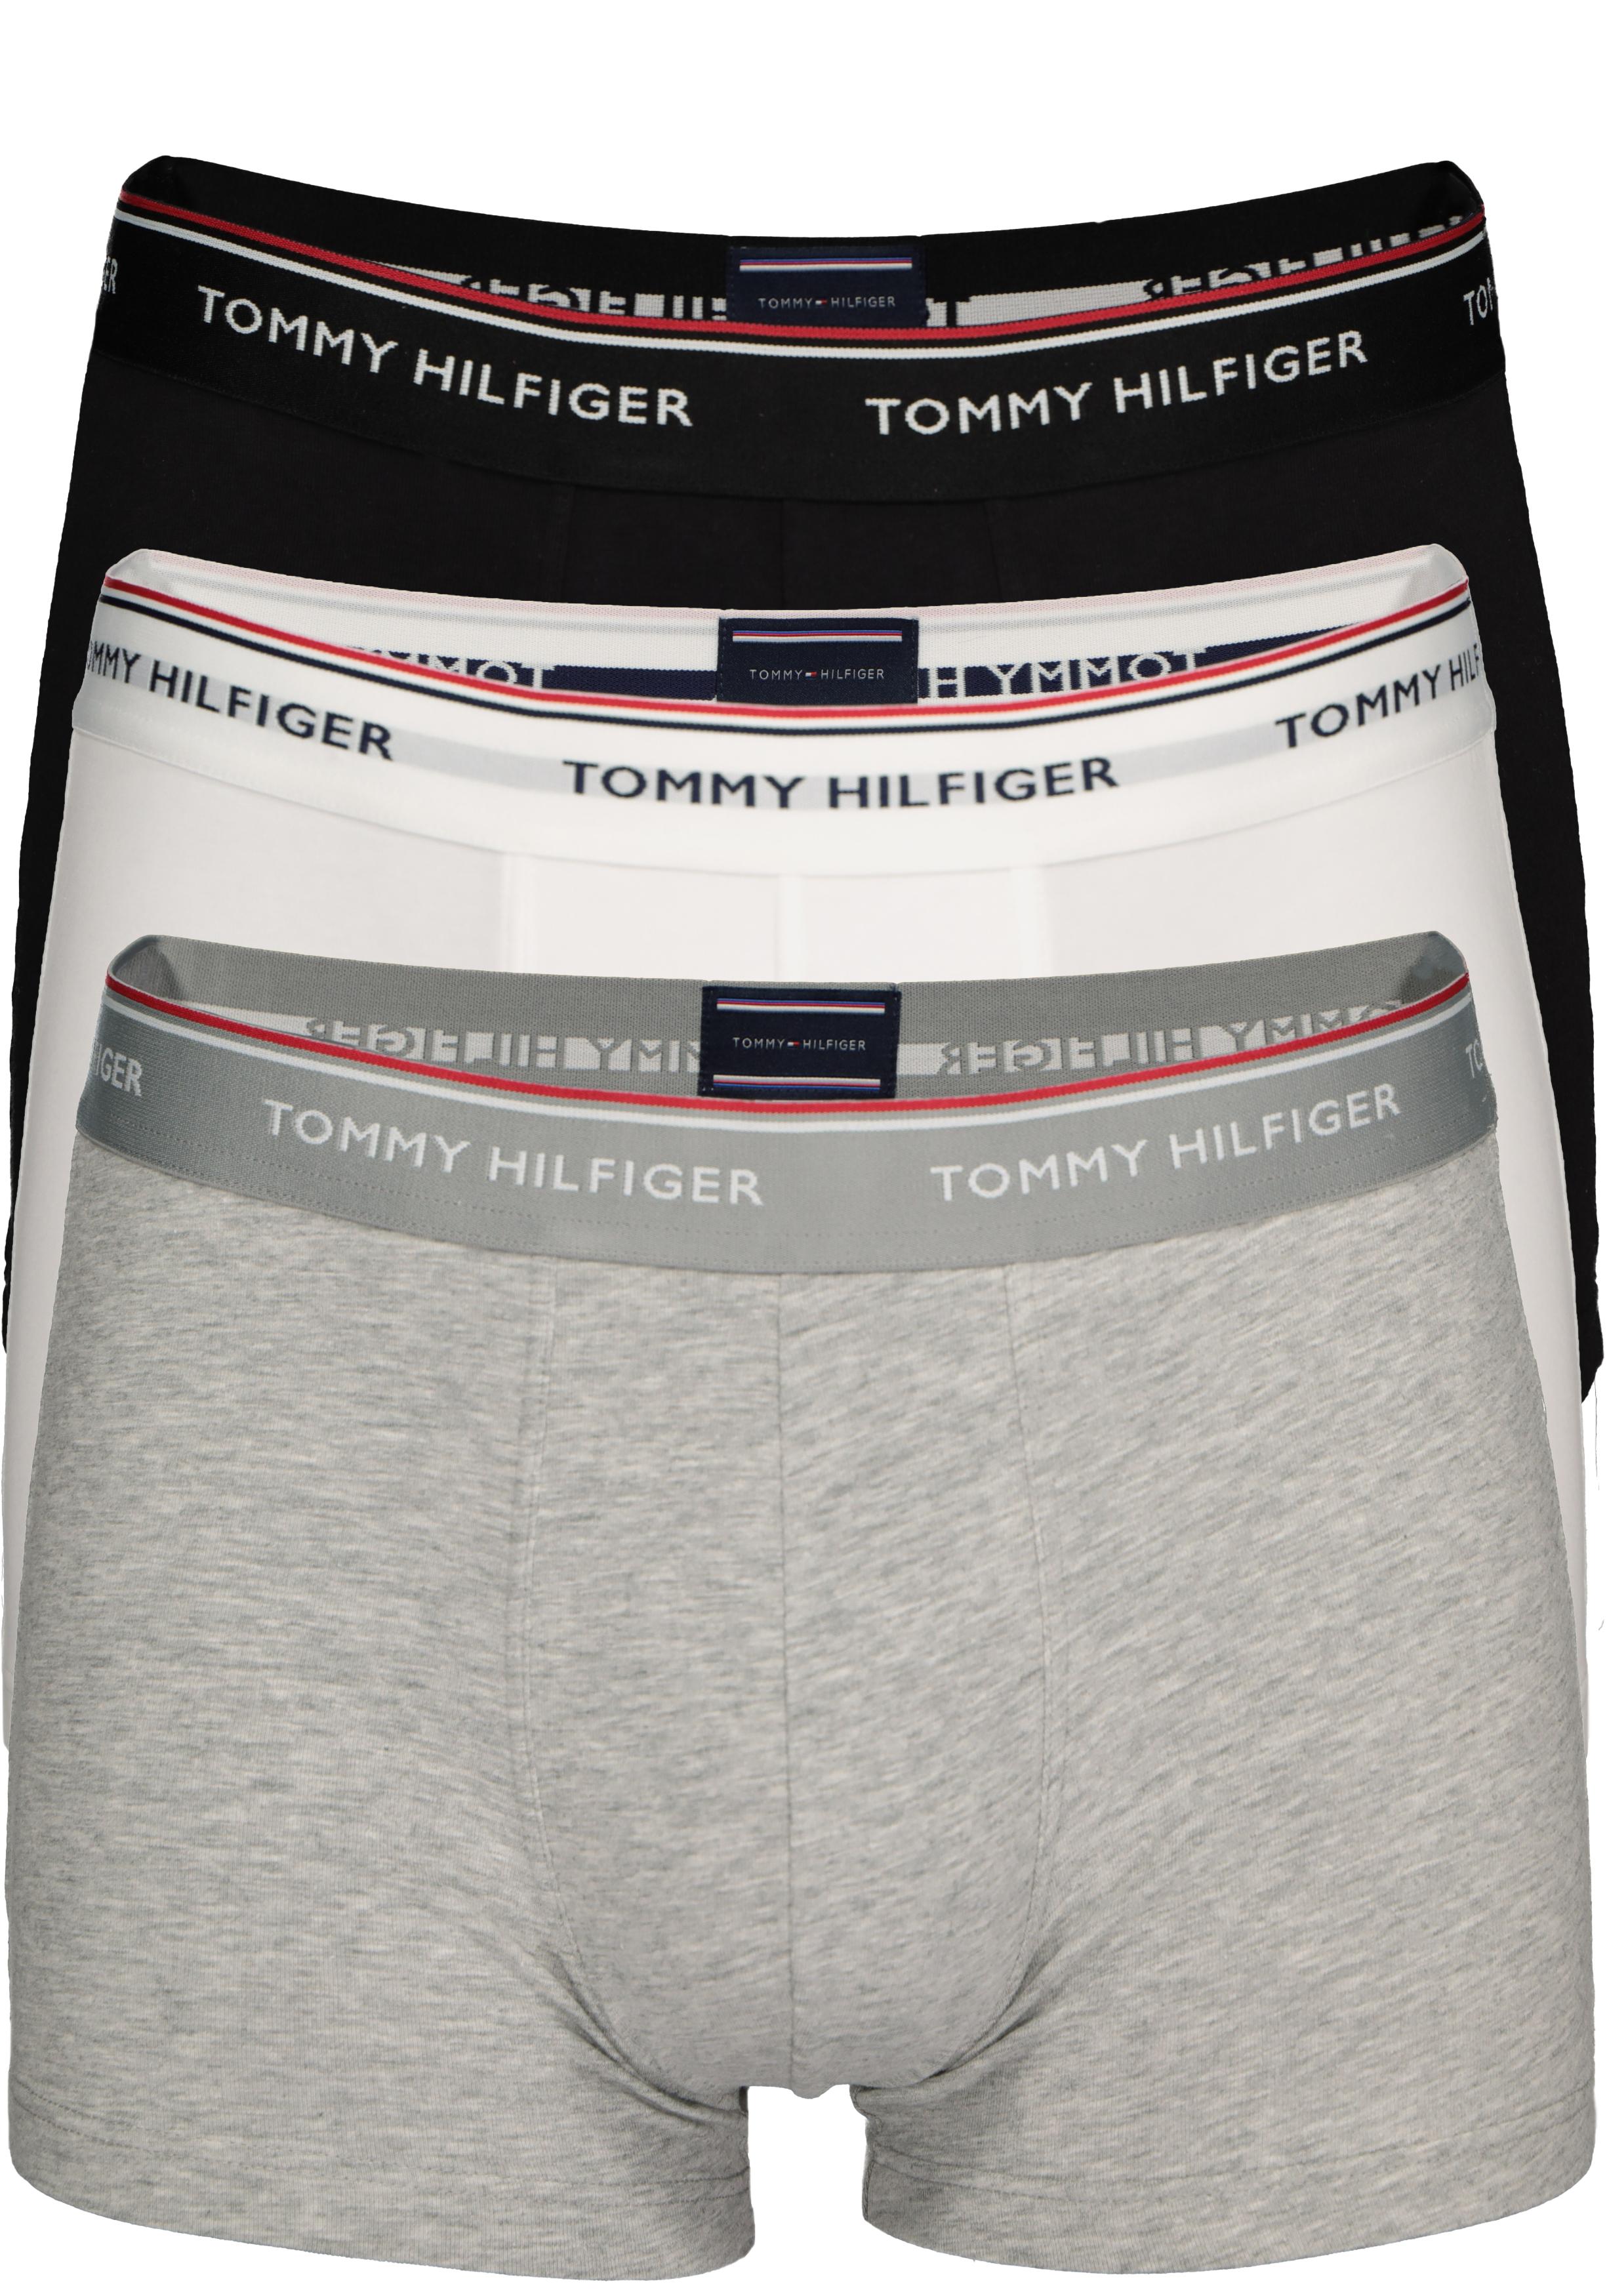 Tommy Hilfiger boxershorts (3 pack), zwart wit en grijs